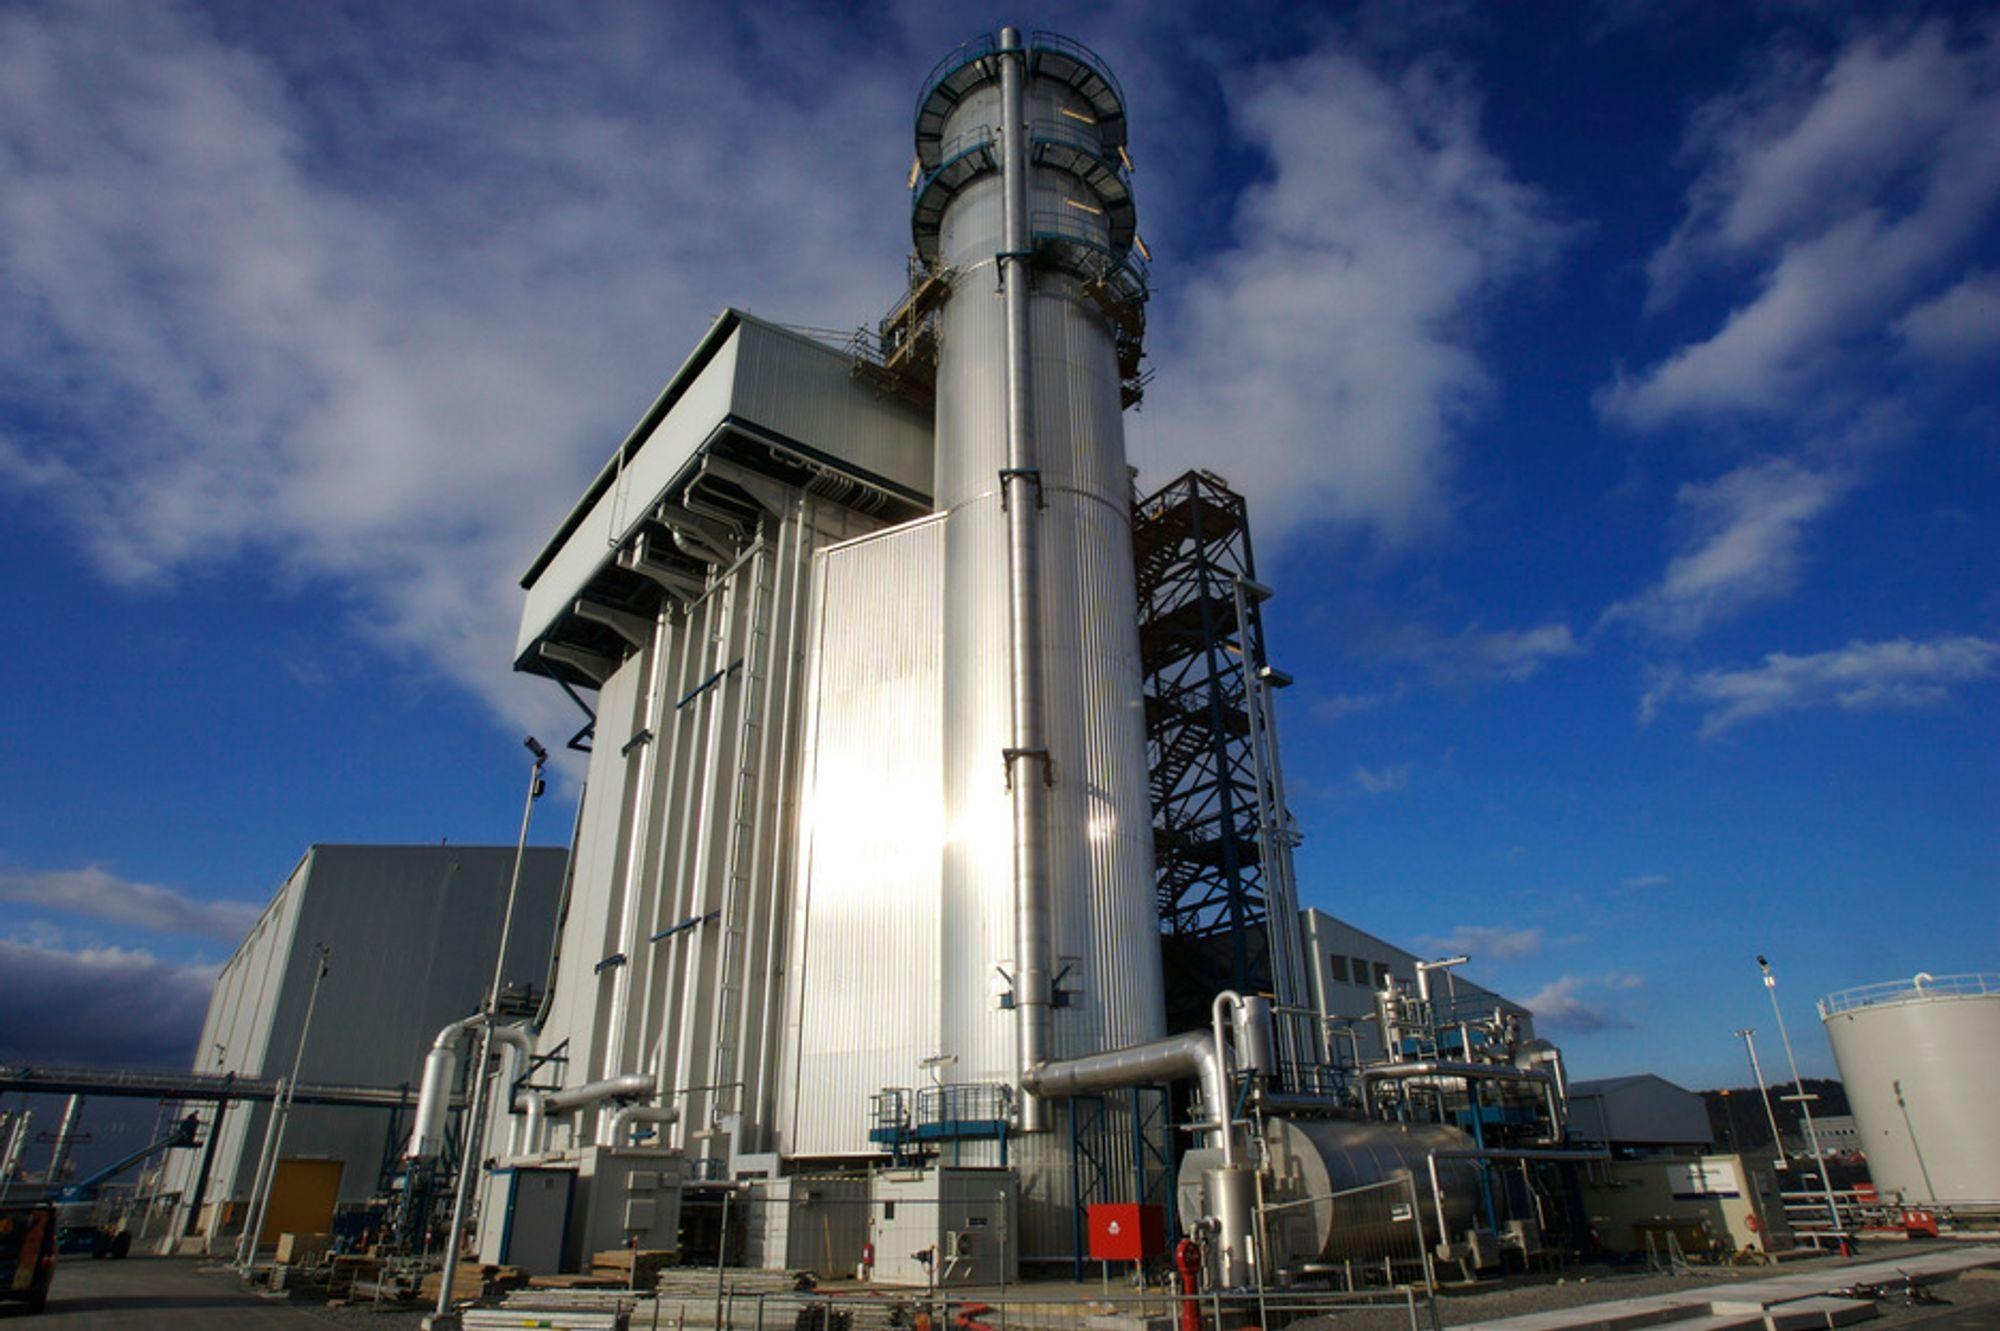 INGEN AVTALE: Gasskraftverket på Kårstø har ingen begrensningsavtale med Statnett, og kan derfor levere så mye forurensende strøm det bare vil til det norske strømnettet.